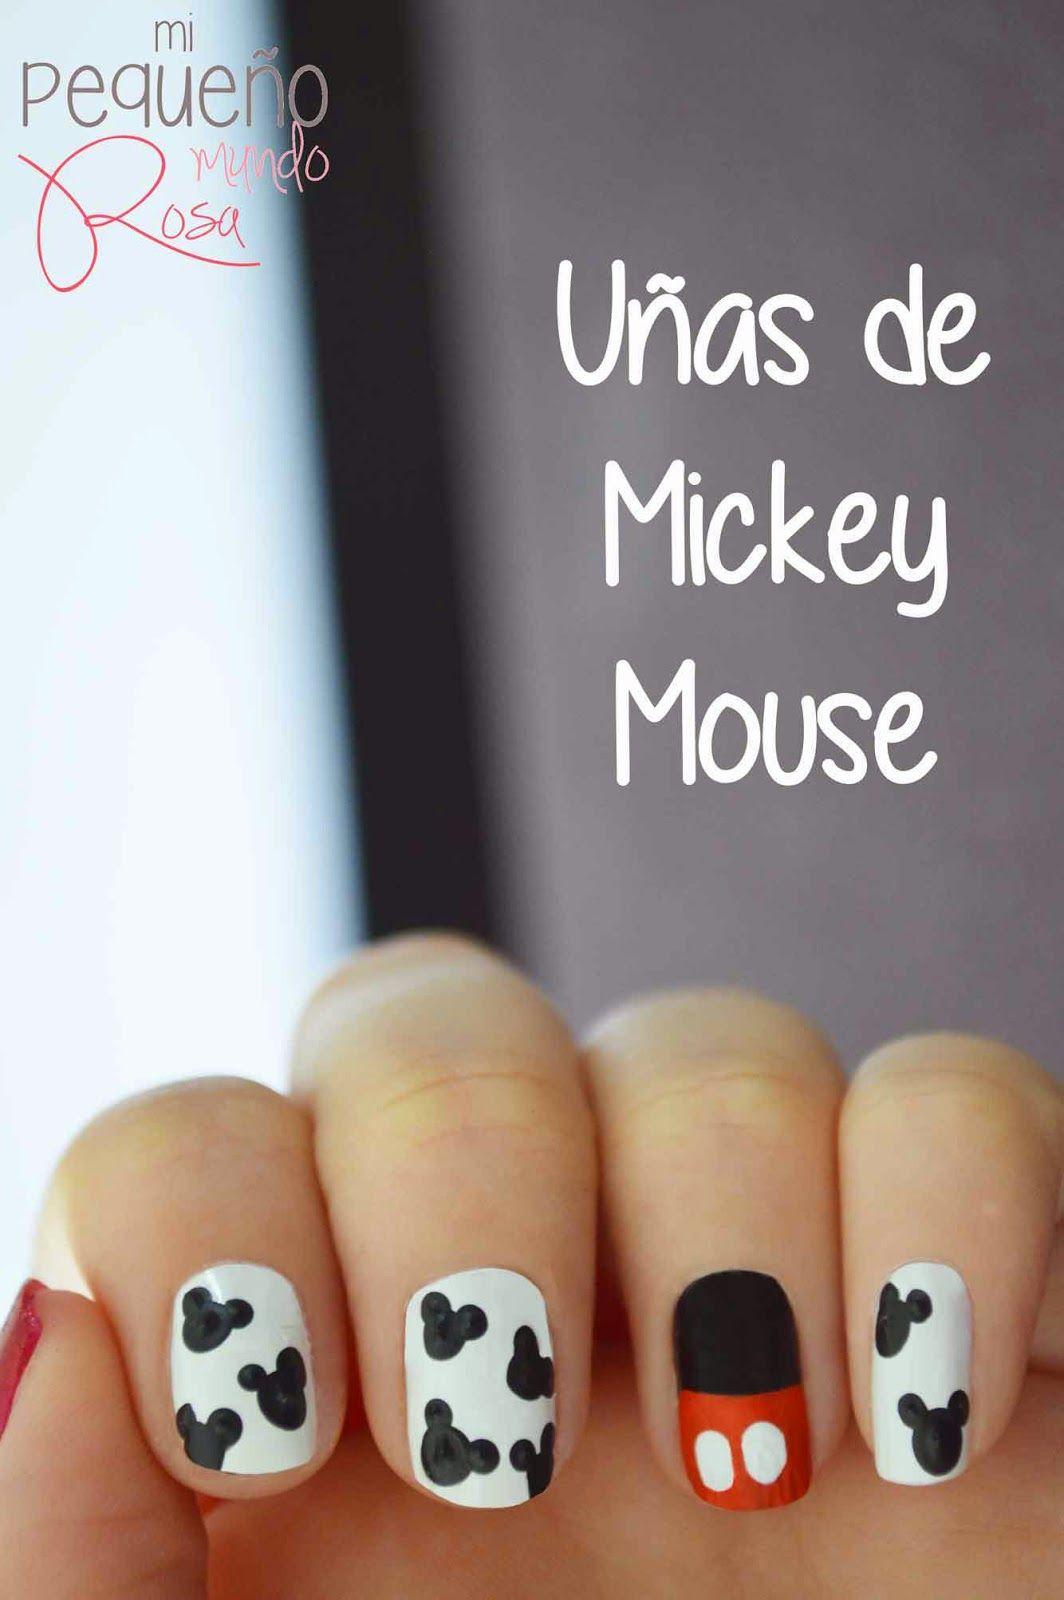 Mi pequeño mundo rosa ♥: Diseño de uñas de Mickey Mouse ...